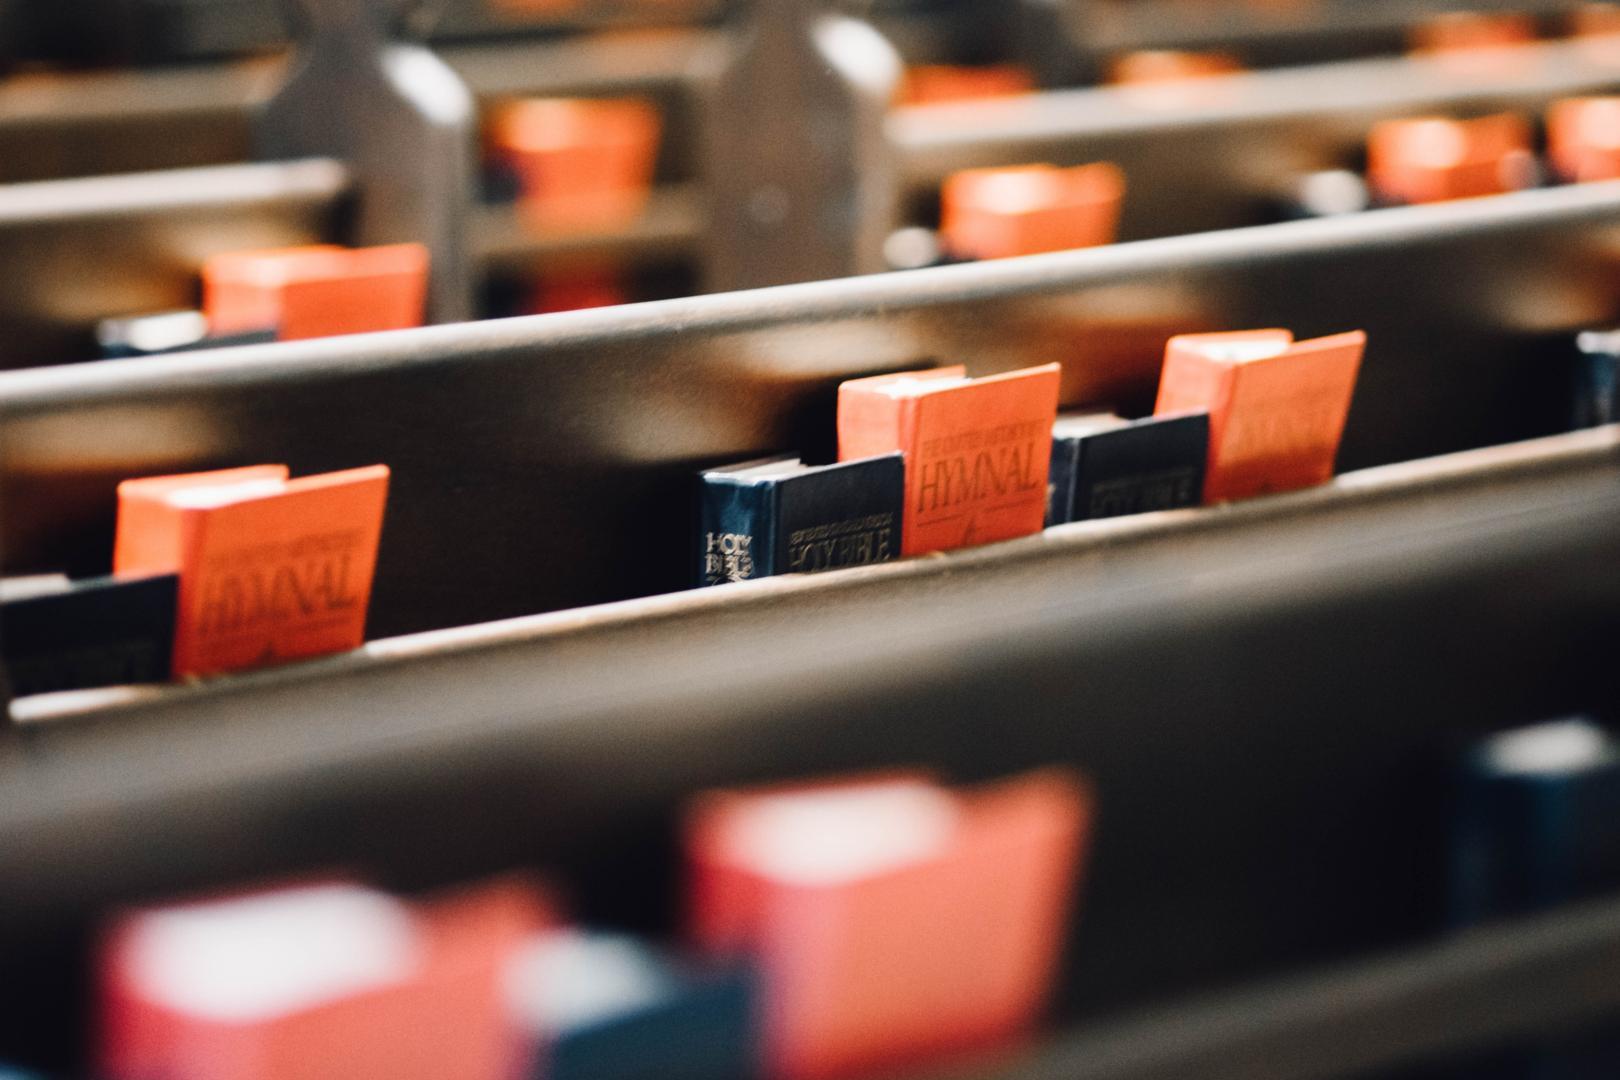 Gottesdiensttermine/Geistliche Angebote (c) www.pixabay.com